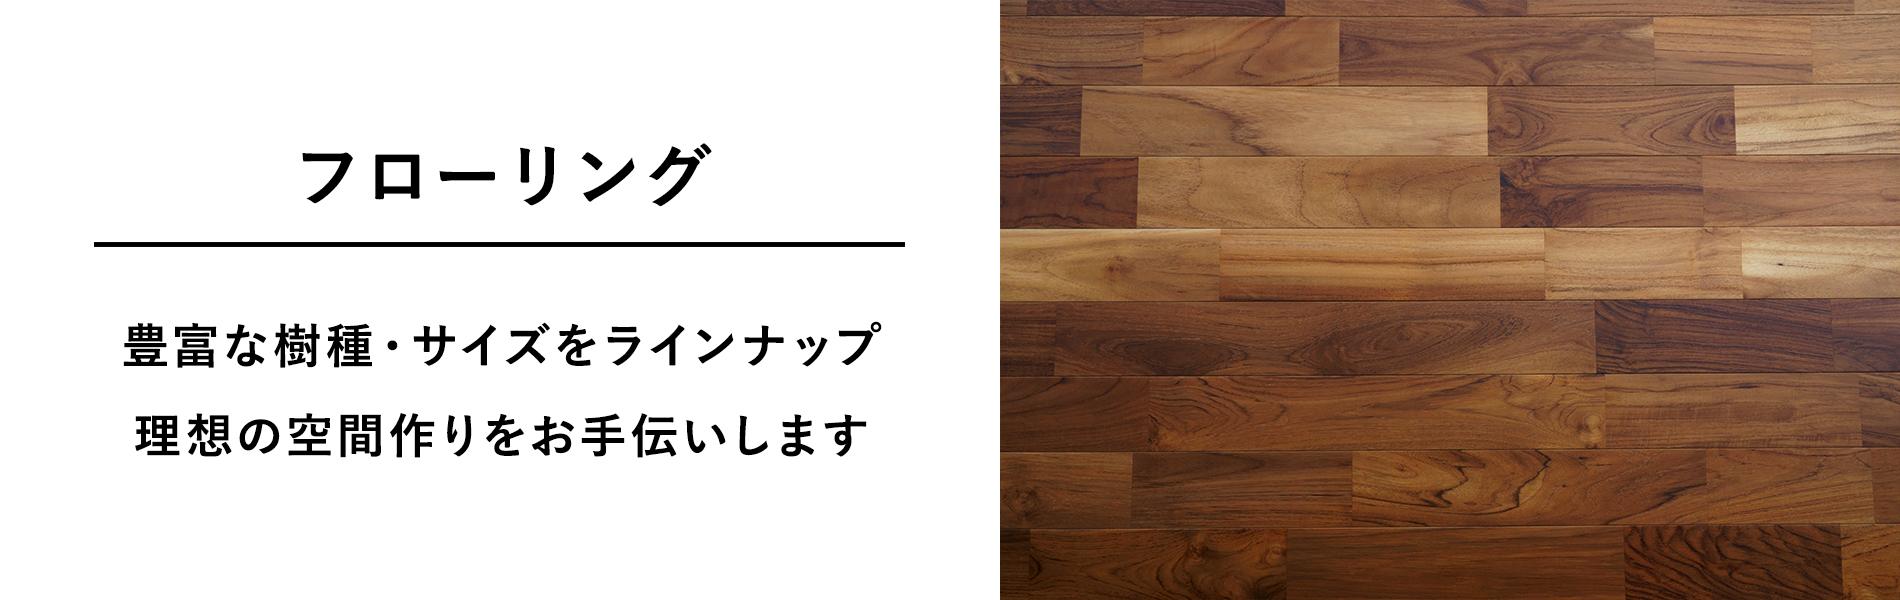 創業21年 滝口木材の歩み